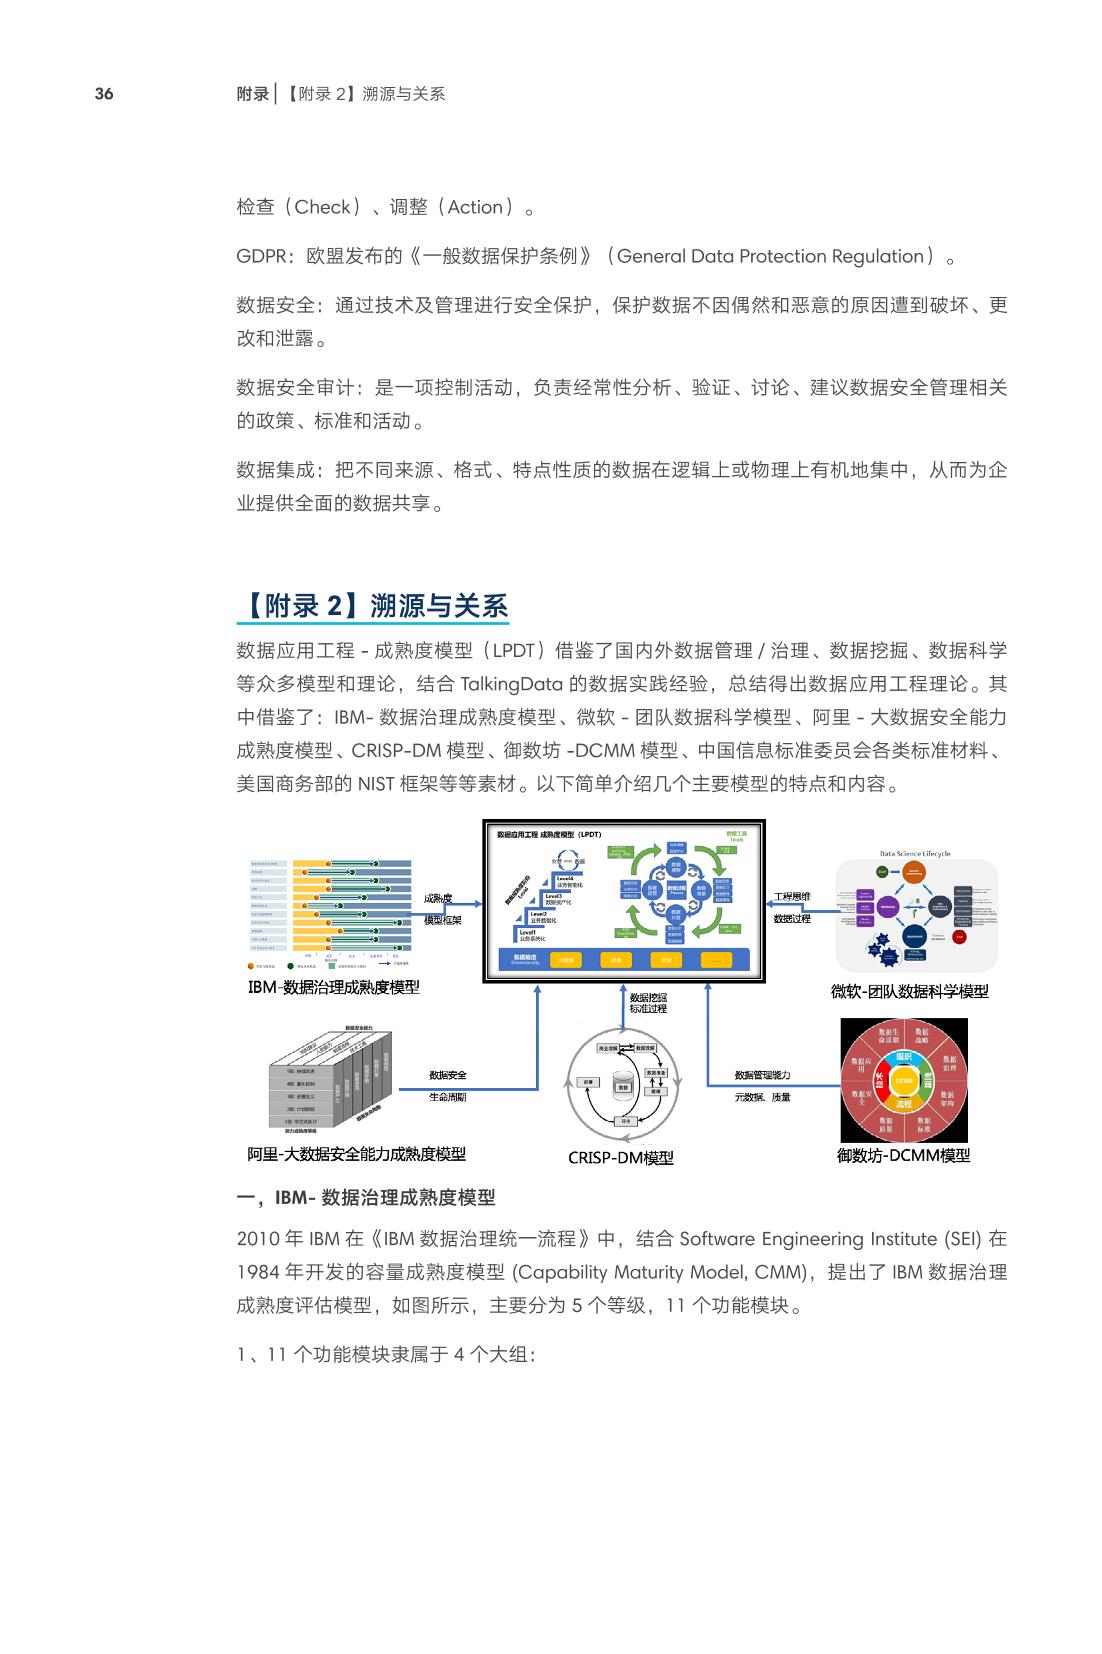 数据应用工程2_1530094883390-41